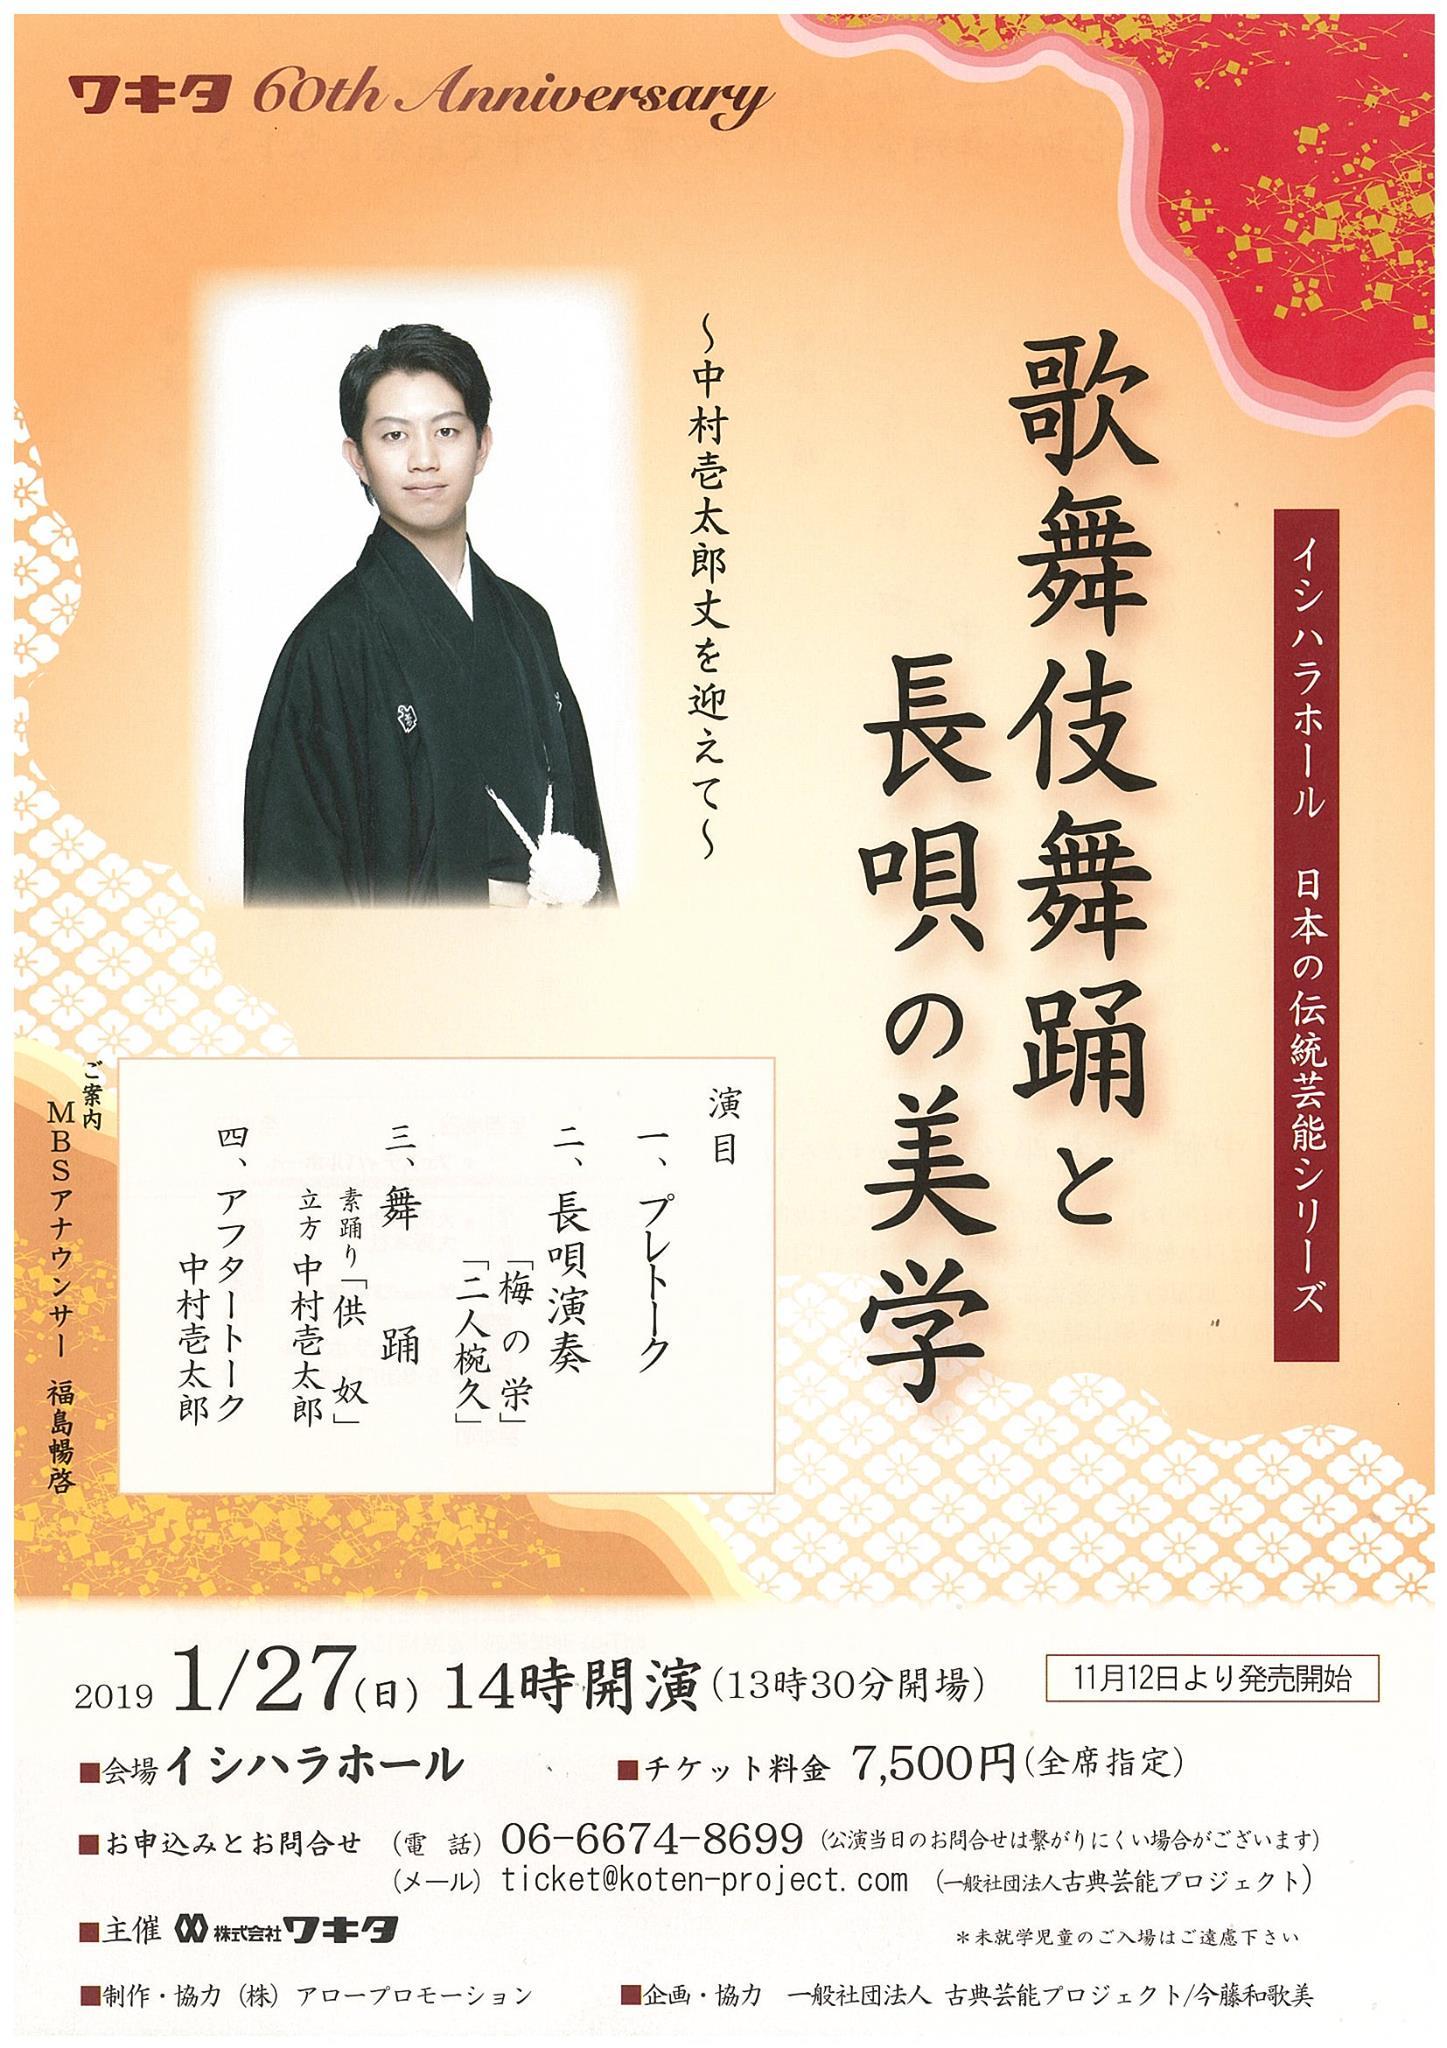 歌舞伎舞踊と長唄の美学 ~中村壱太郎丈を迎えて